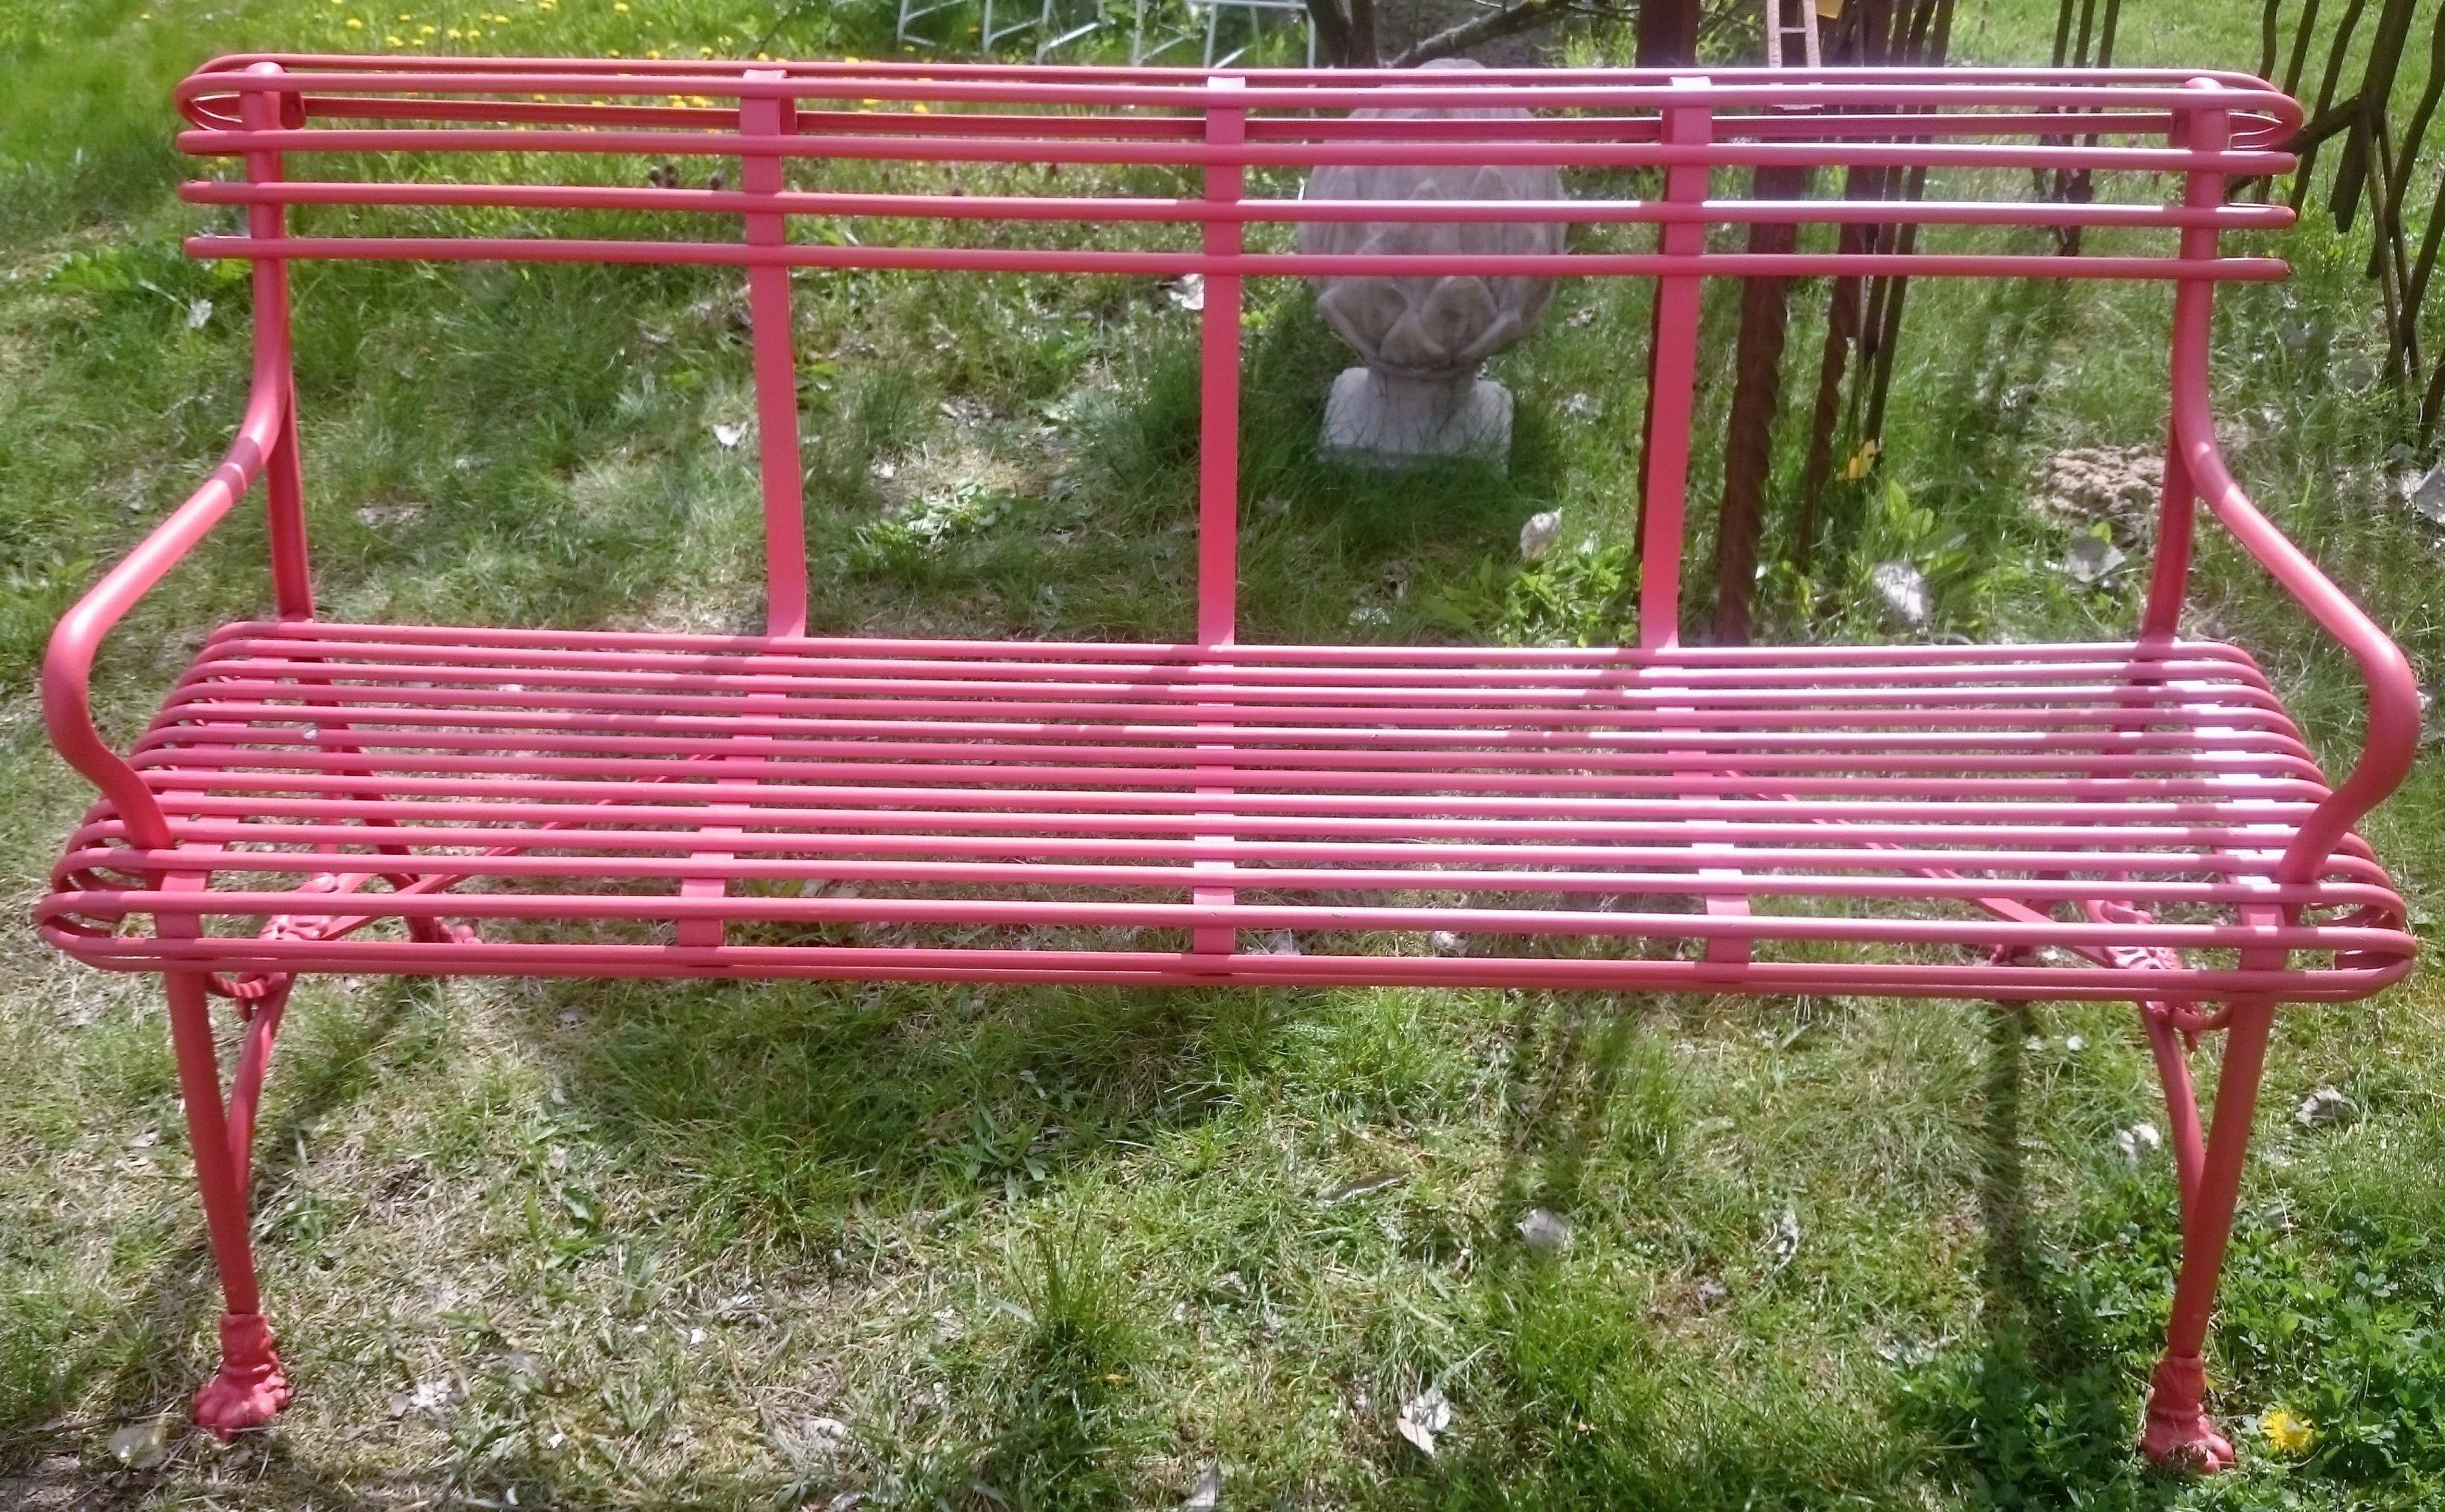 16095_k8nbn7jc5eds Beste Gartenbank Metall Nostalgie Design-ideen